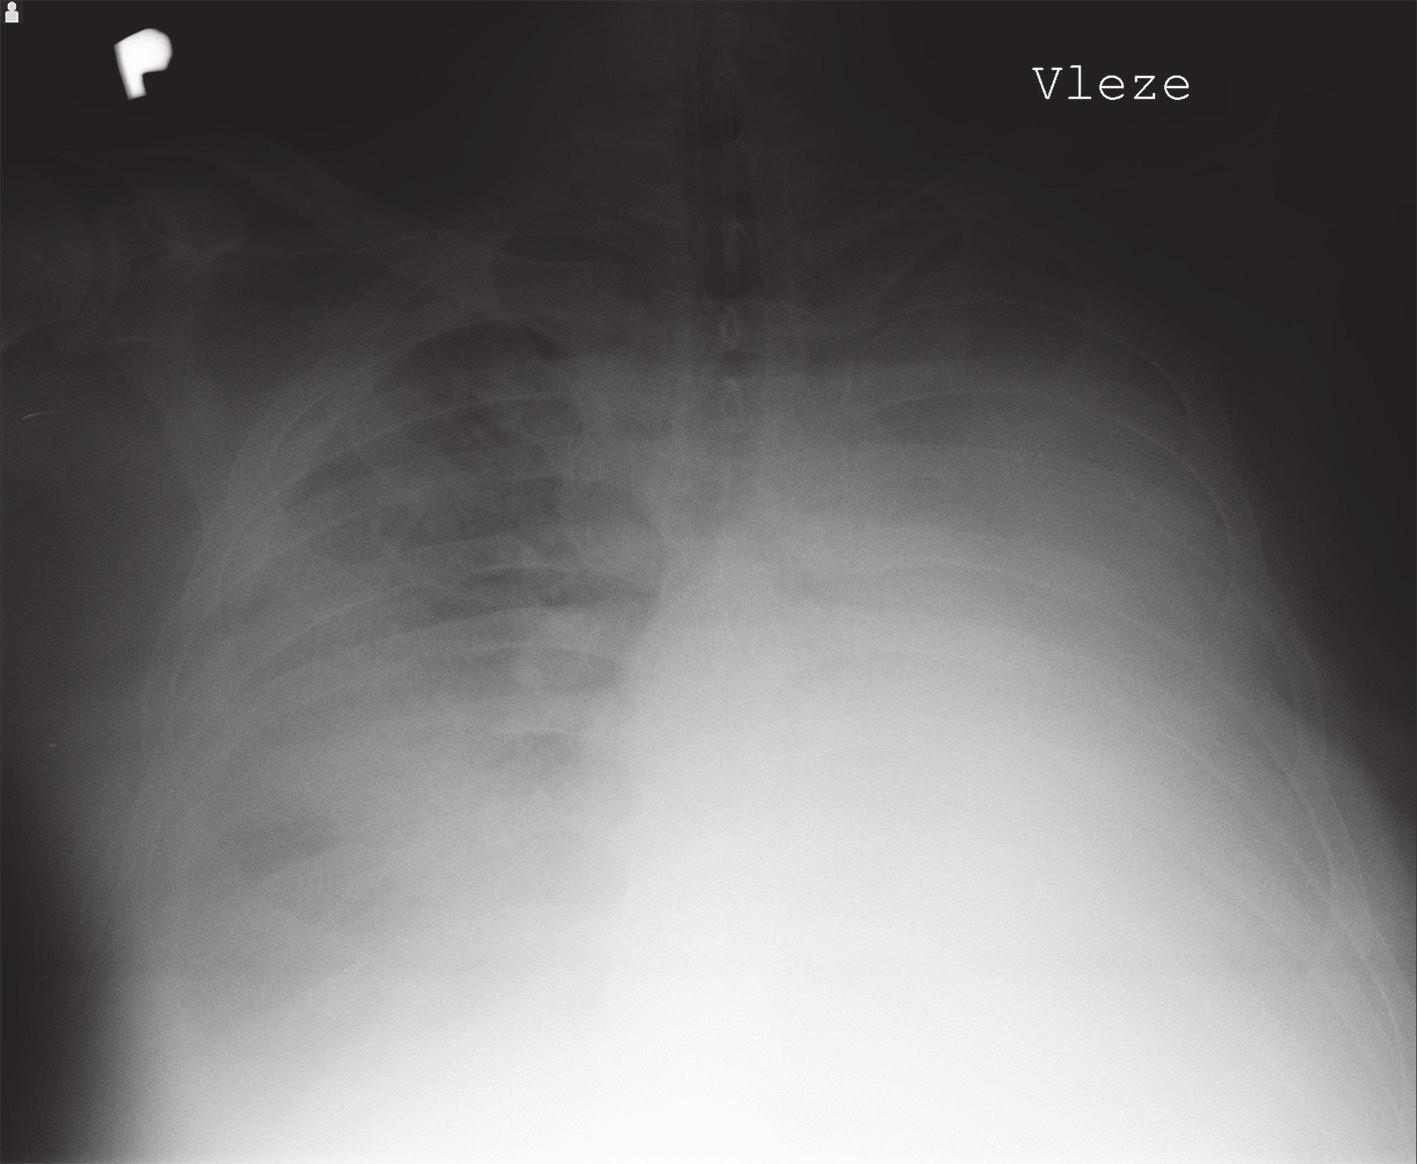 Prostý snímek hrudníku vleže zobrazující zastřený levý hemitorax Fig. 1: Plain chest x-ray in supine position showing a blurred left hemithorax